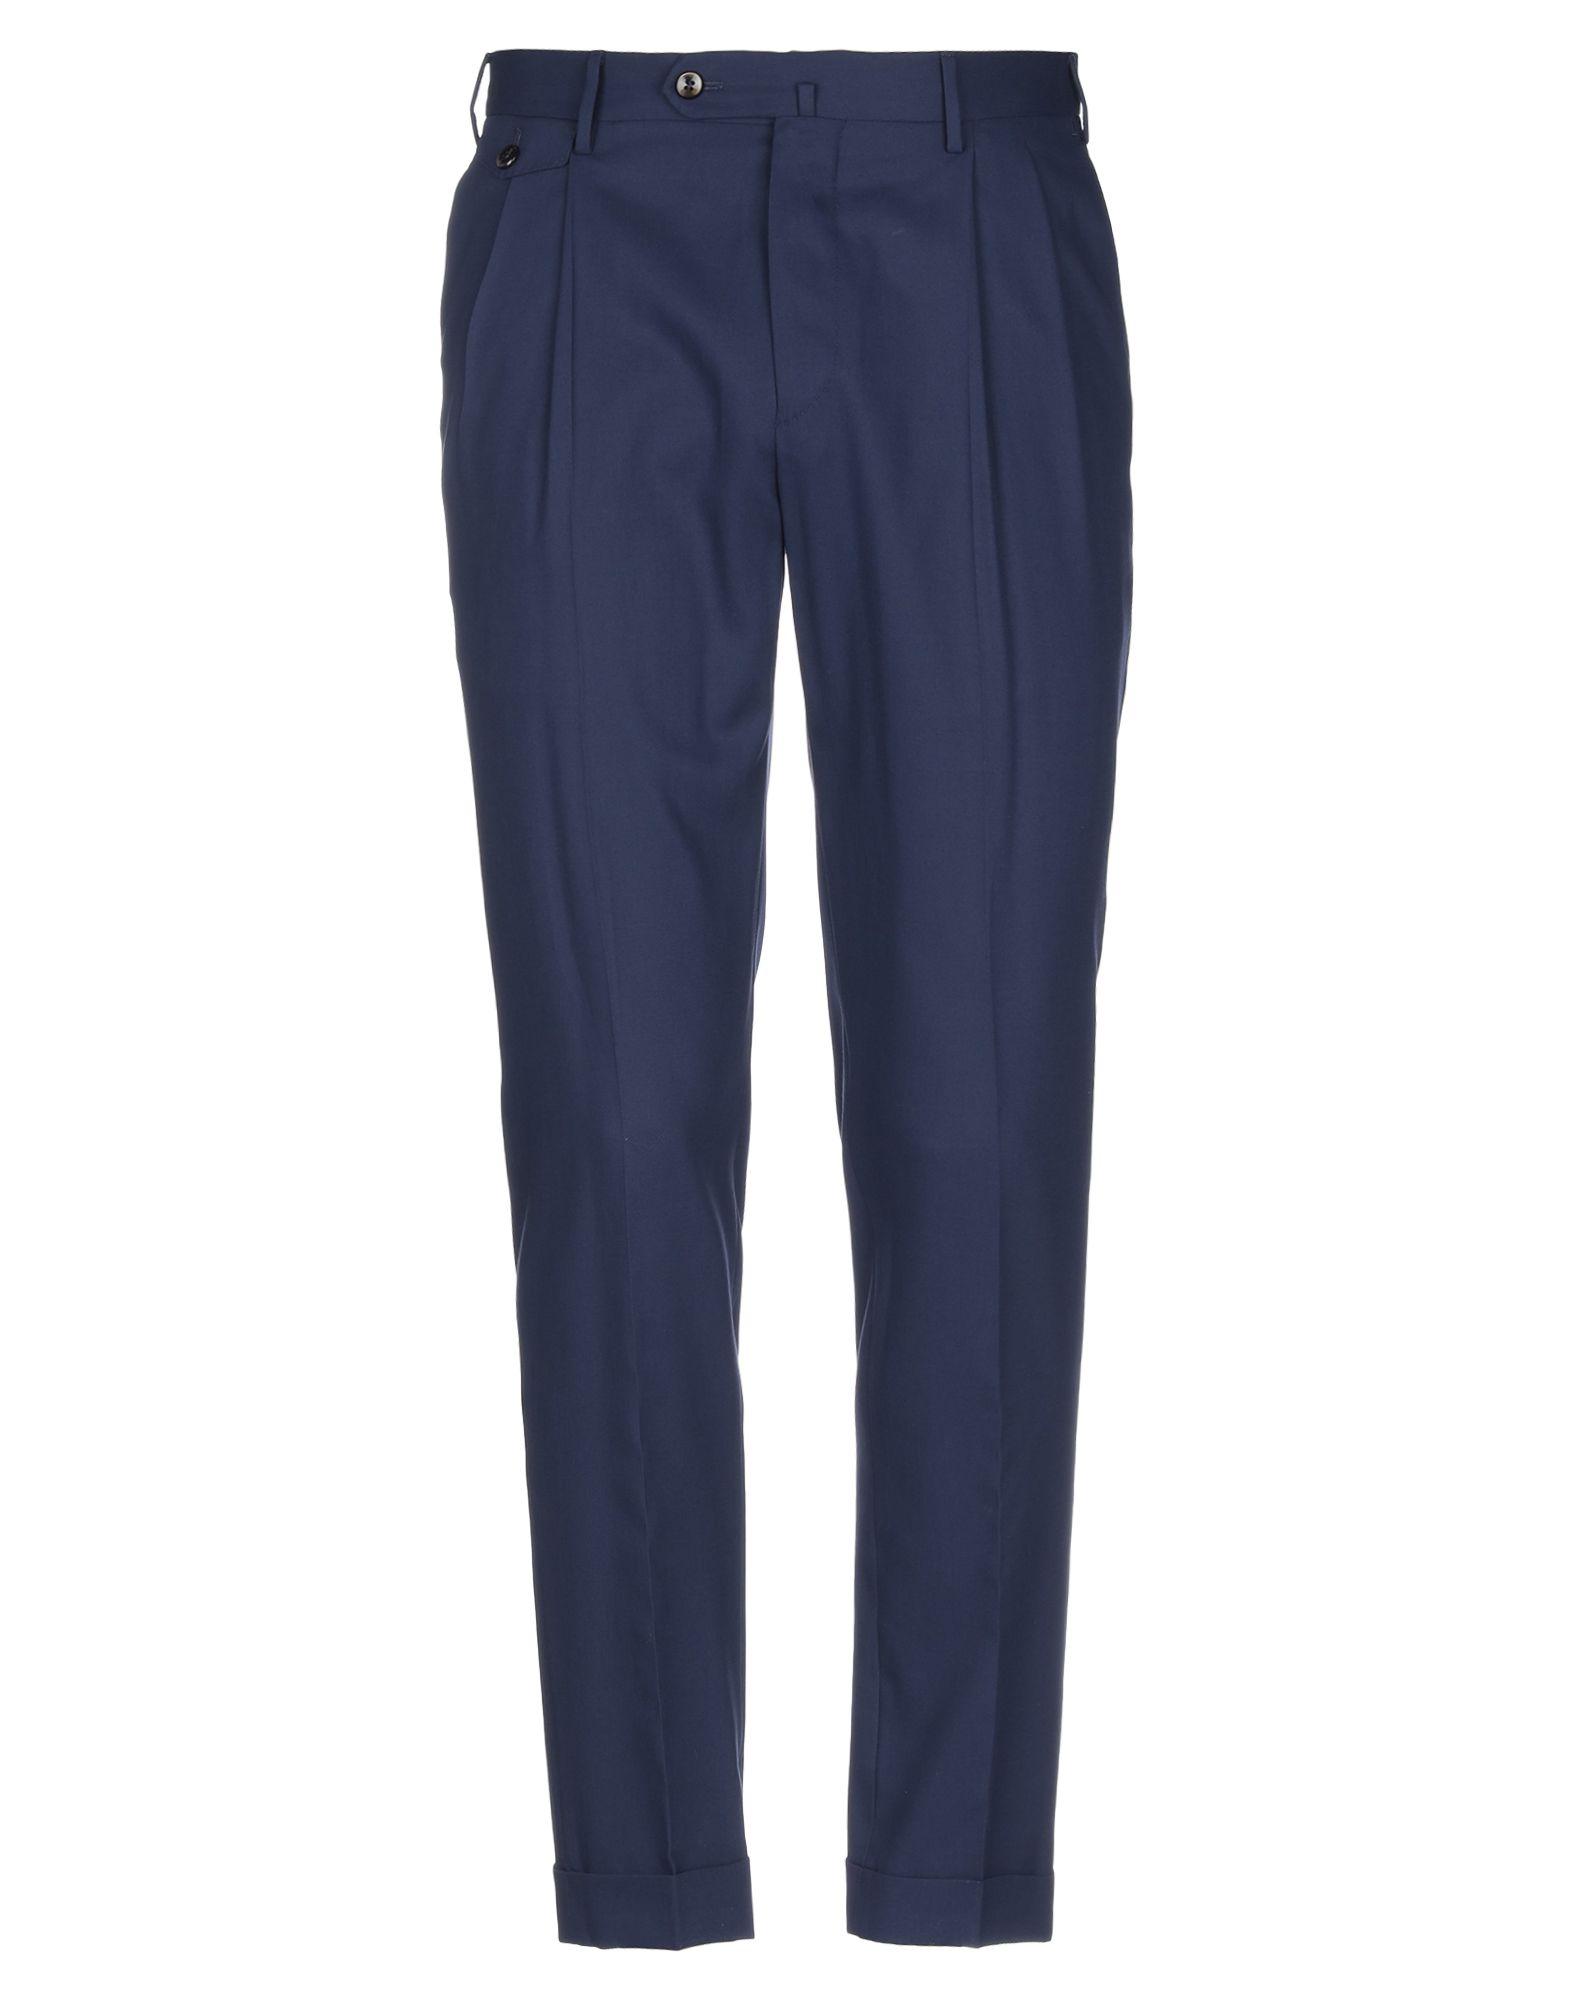 《セール開催中》PT Torino メンズ パンツ ダークブルー 46 コットン 100%